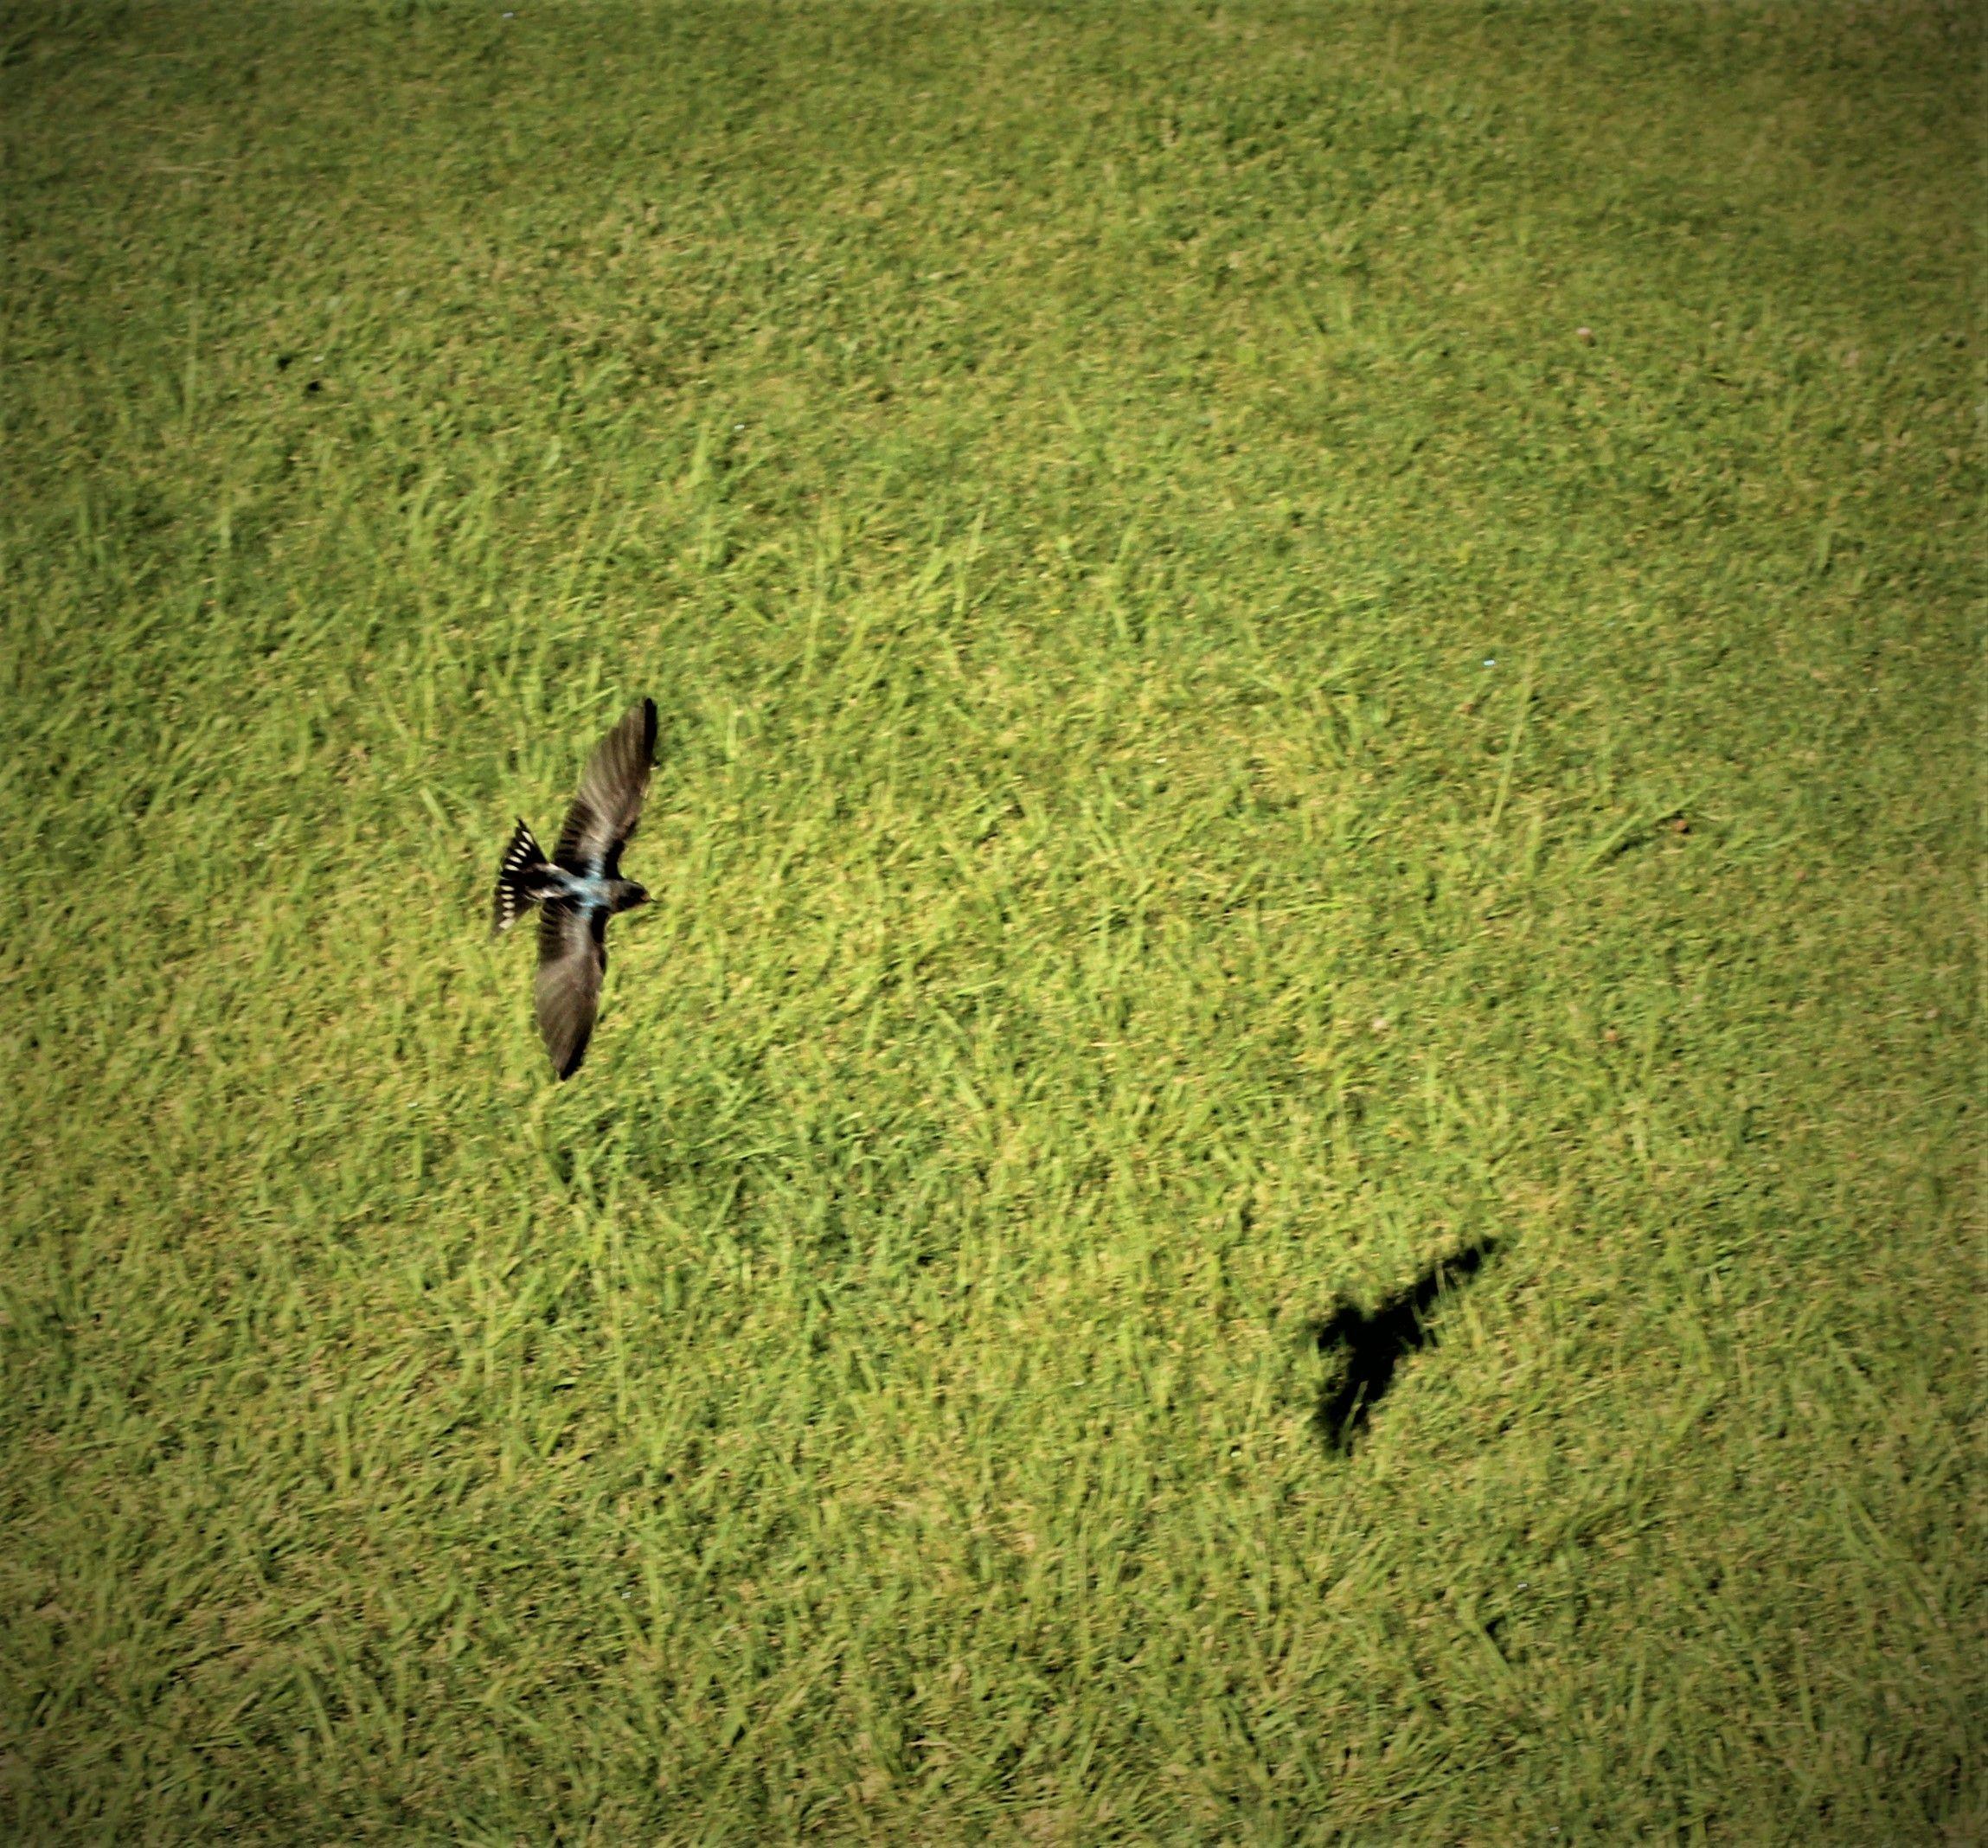 'El vol de l'oreneta' feta a Puig Reig. FOTO: Jaume Asens Passarrius